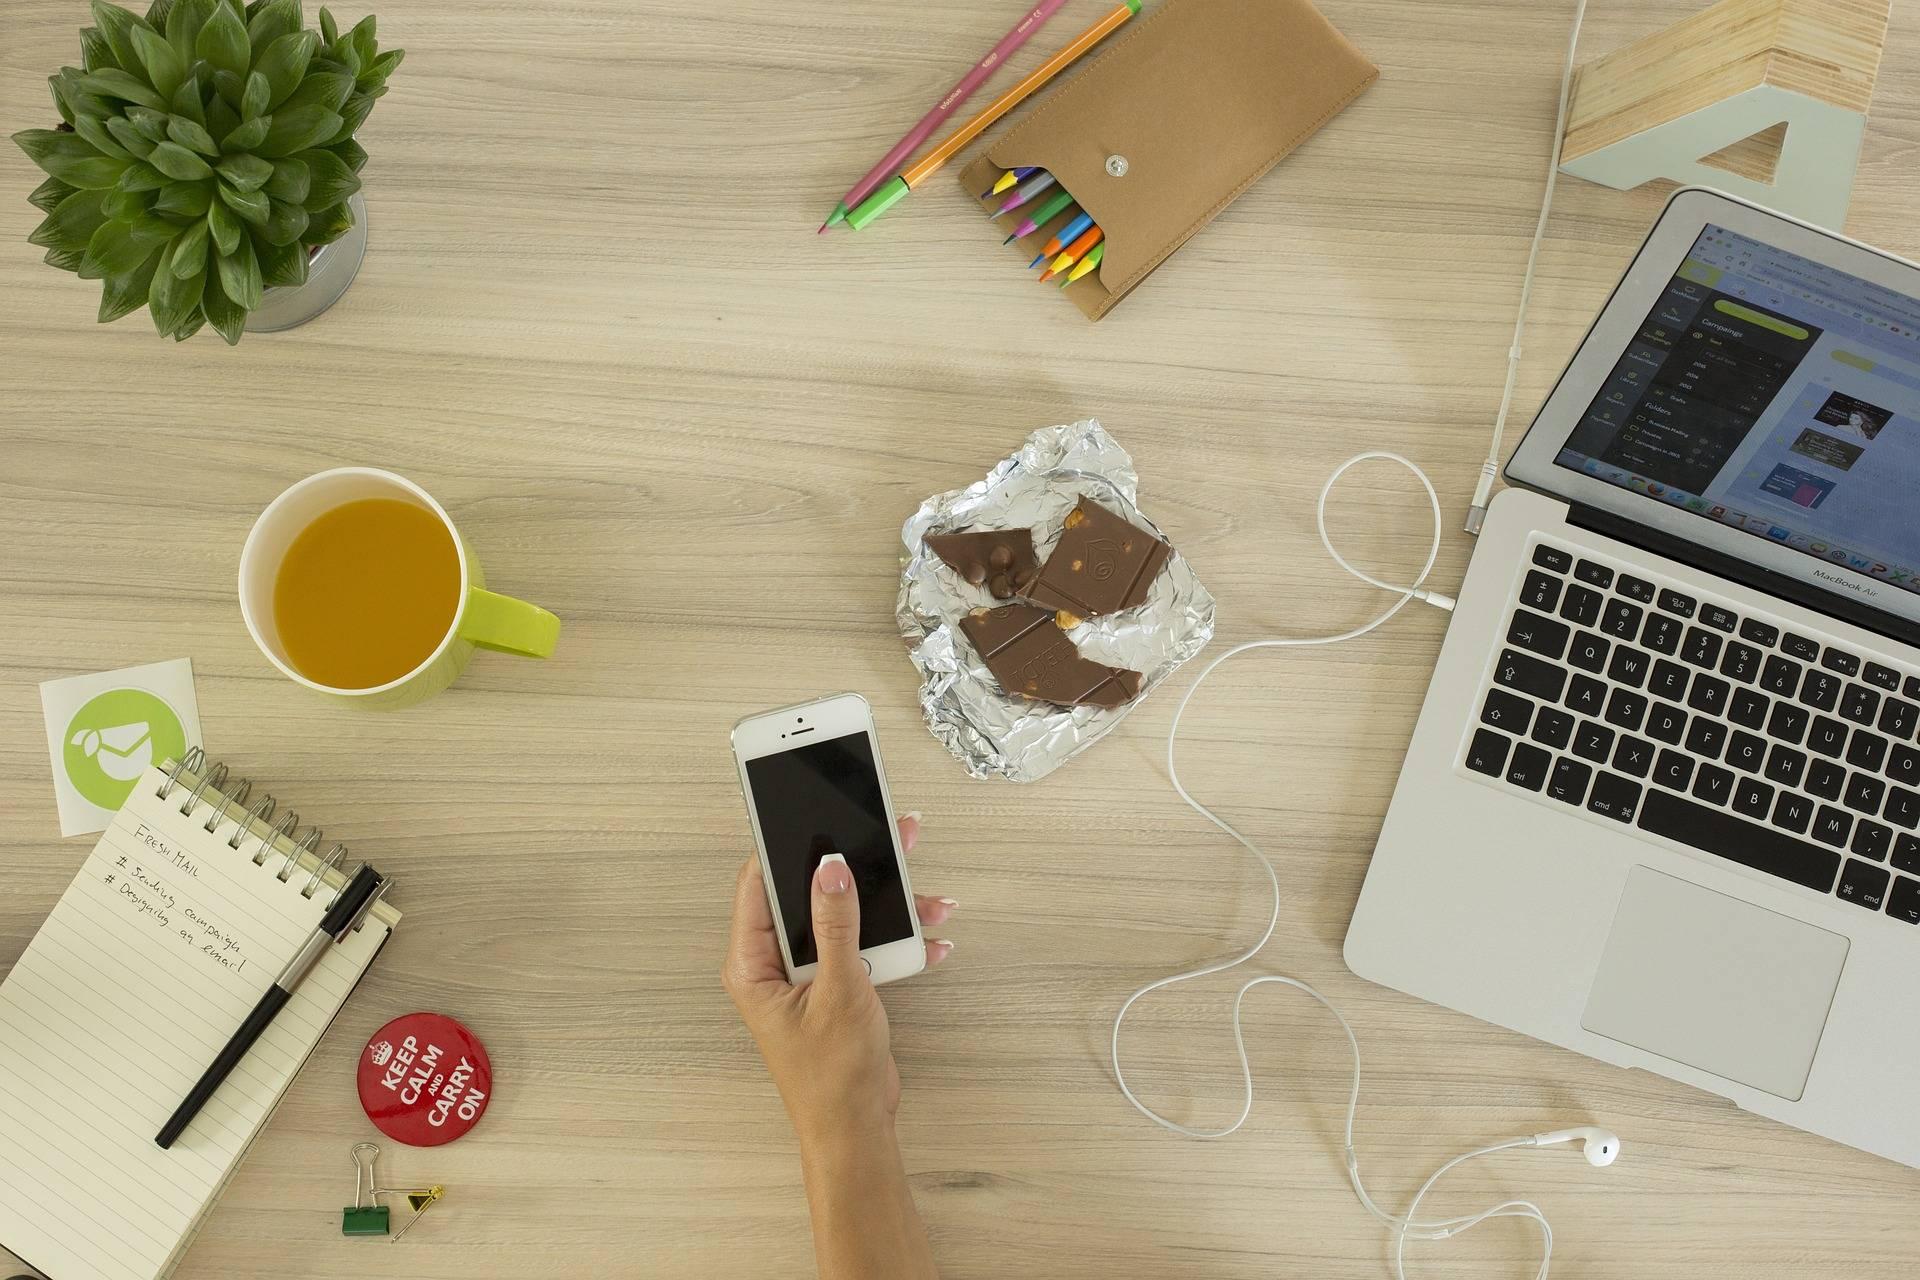 10 besplatnih kurseva za usavršavanje digitalnih veština